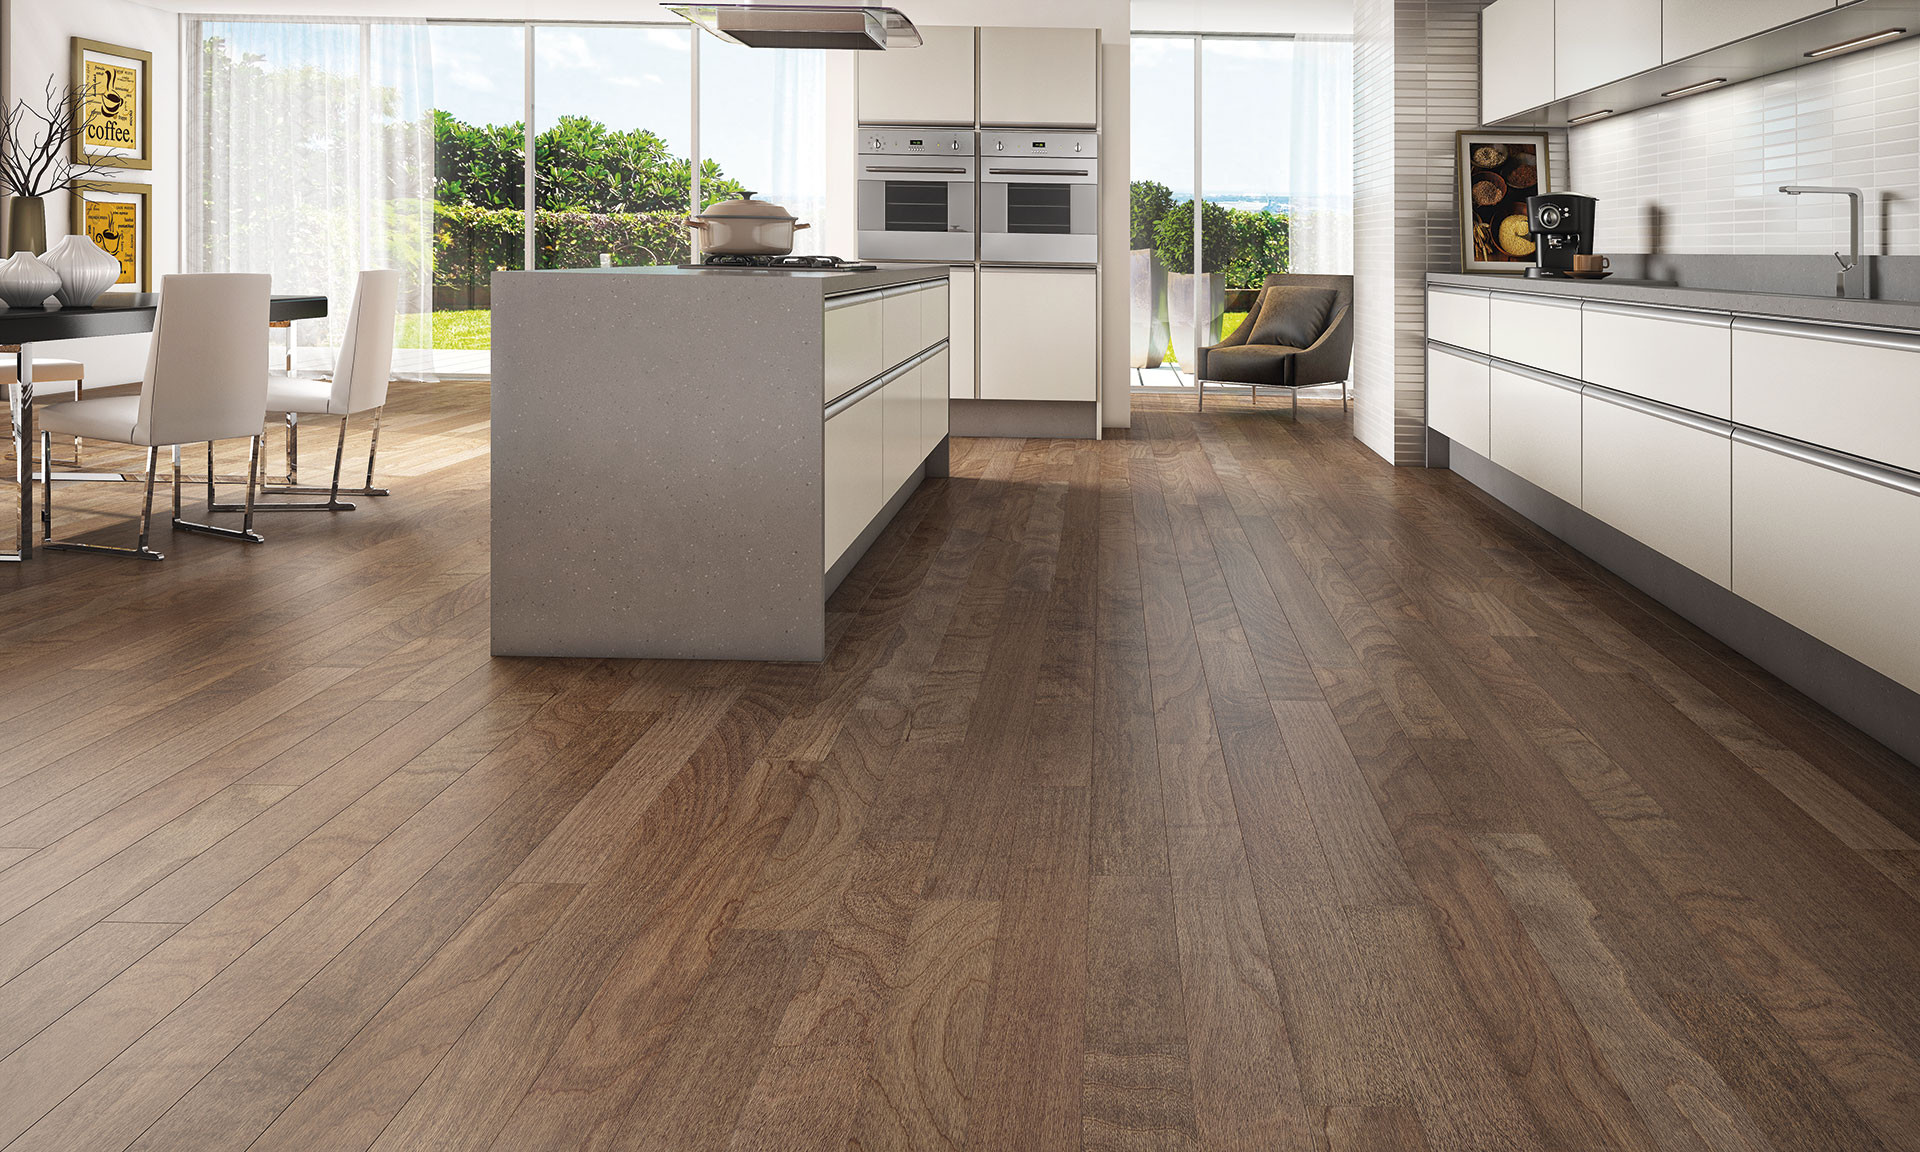 Versini Hardwood Flooring Reviews Of 5 Spanish Hickory Engineered Flooring Spanish Hickory Exotic Floors Pertaining to Triangulo Spanish Hickory Sahara 5 Inch Engineered Hardwood Flooring